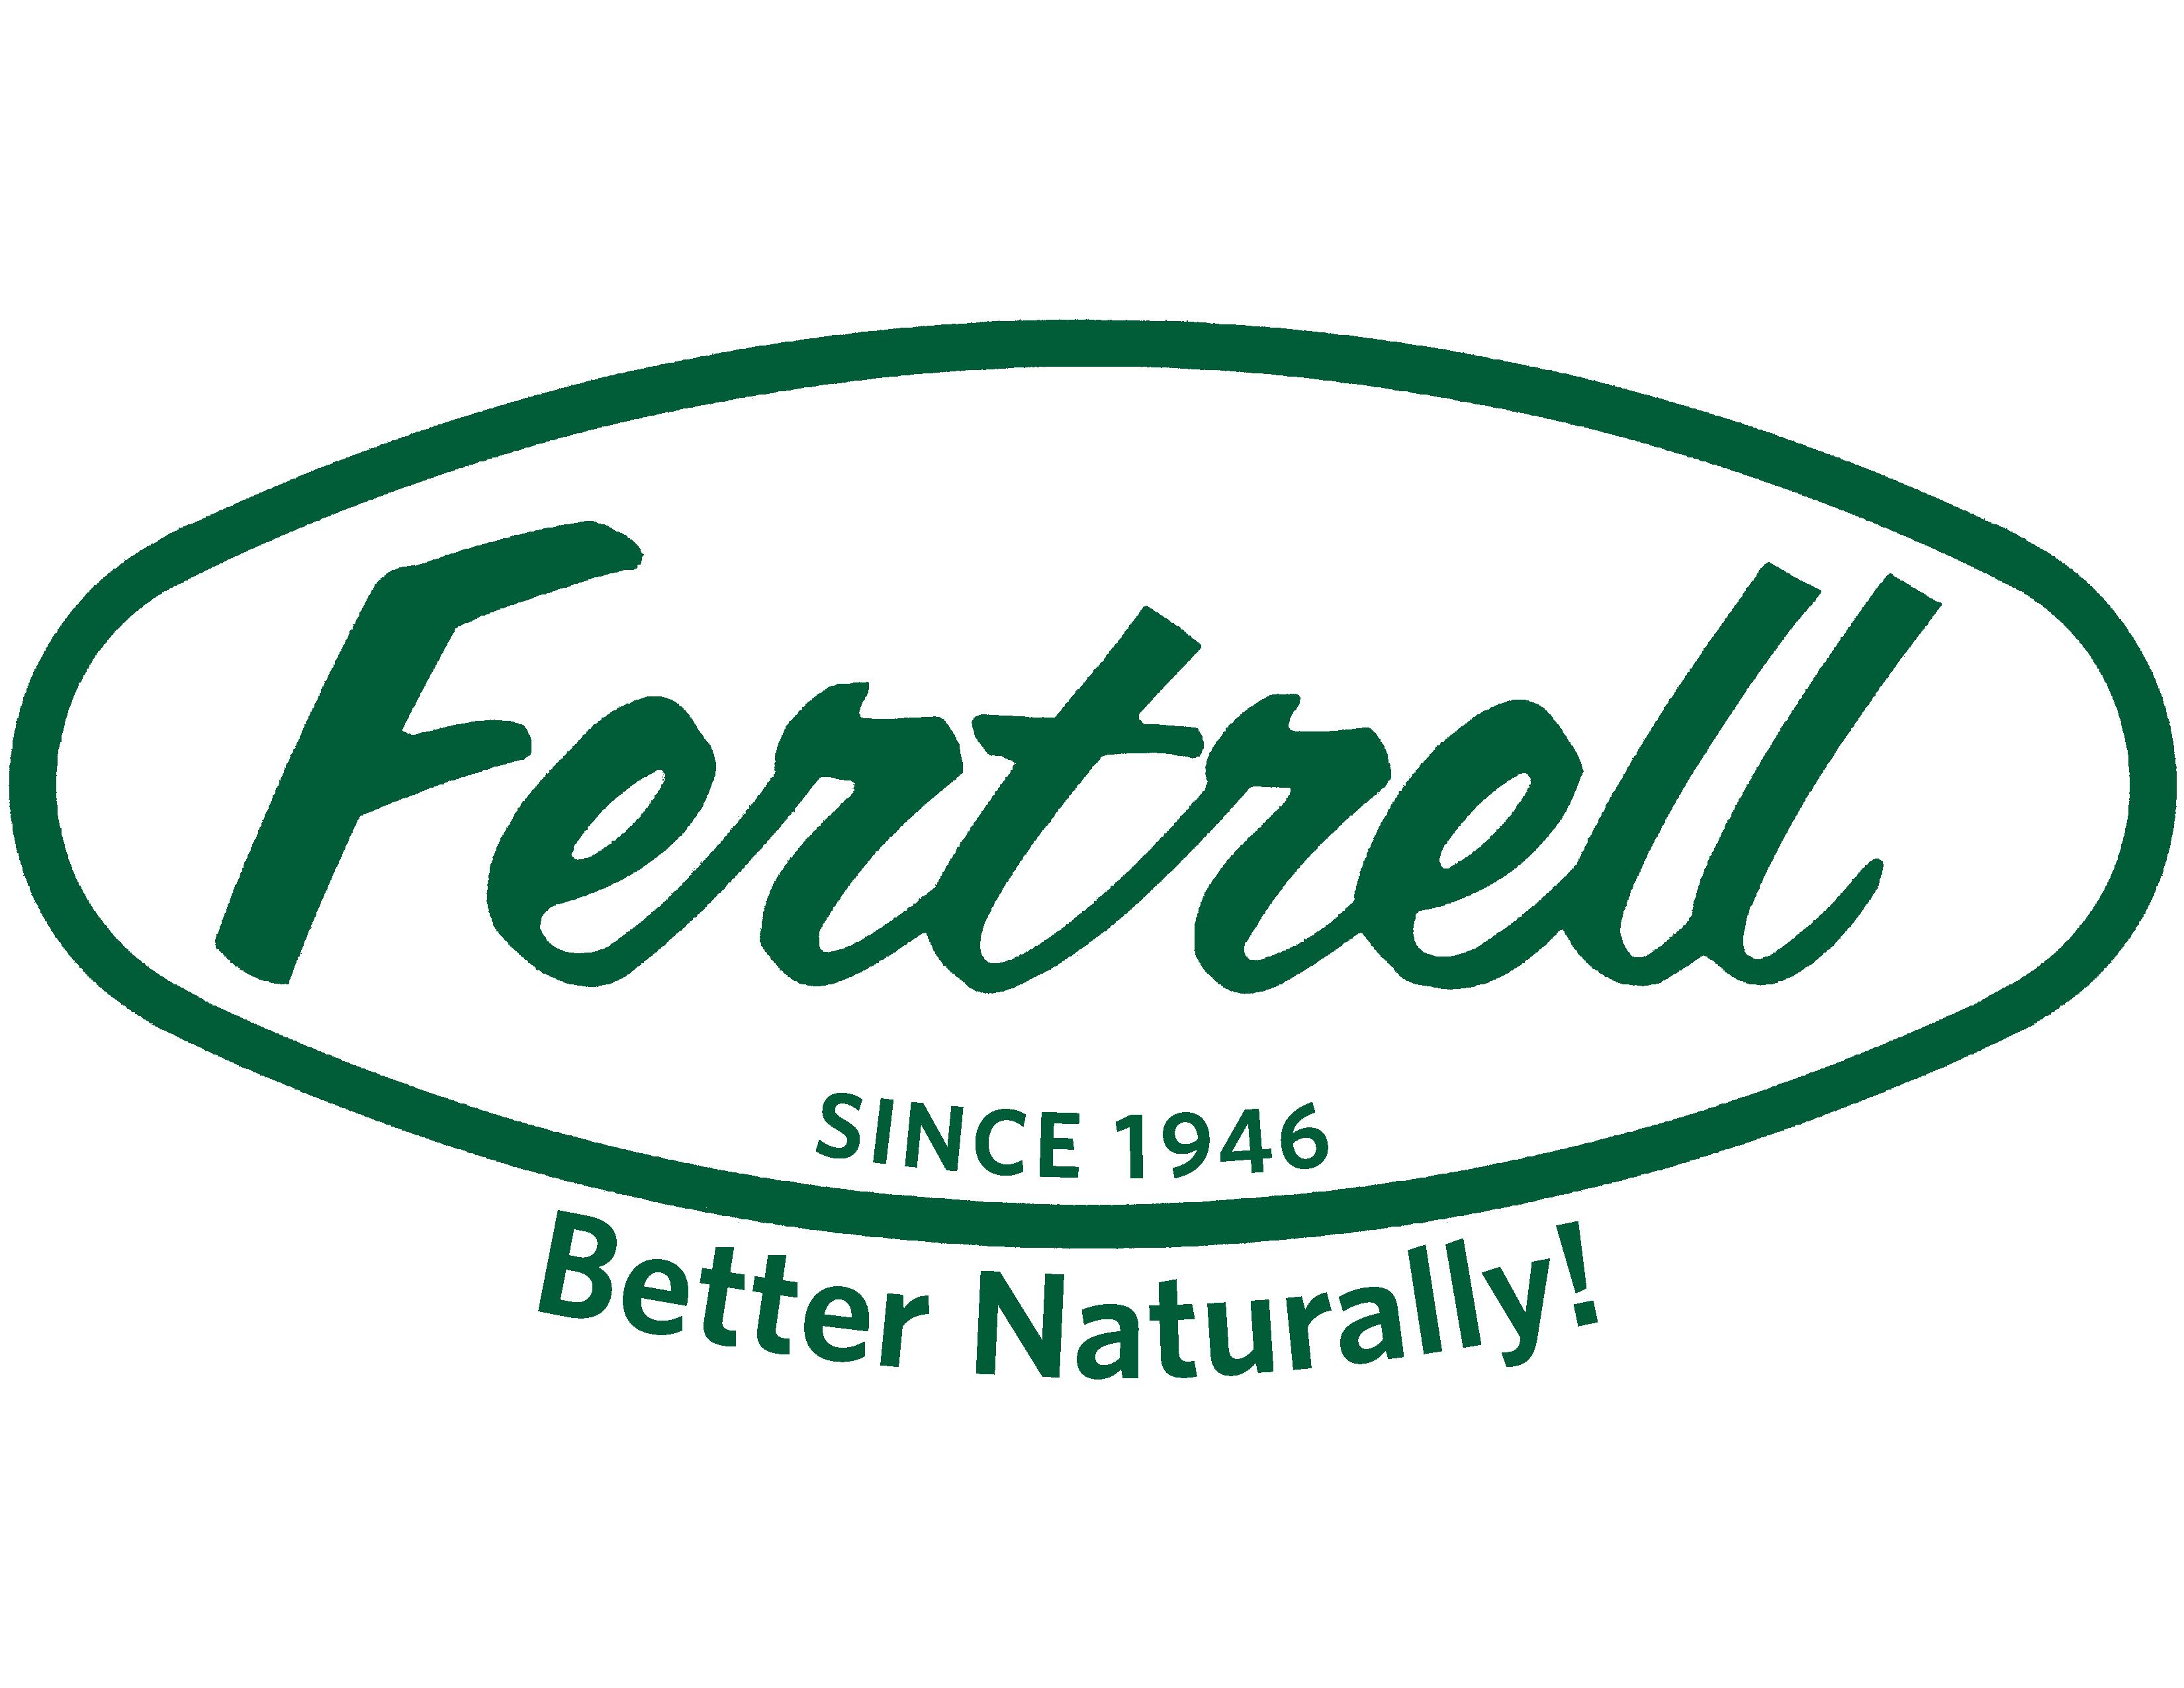 Fertrell - Since 1946. Better Naturally!